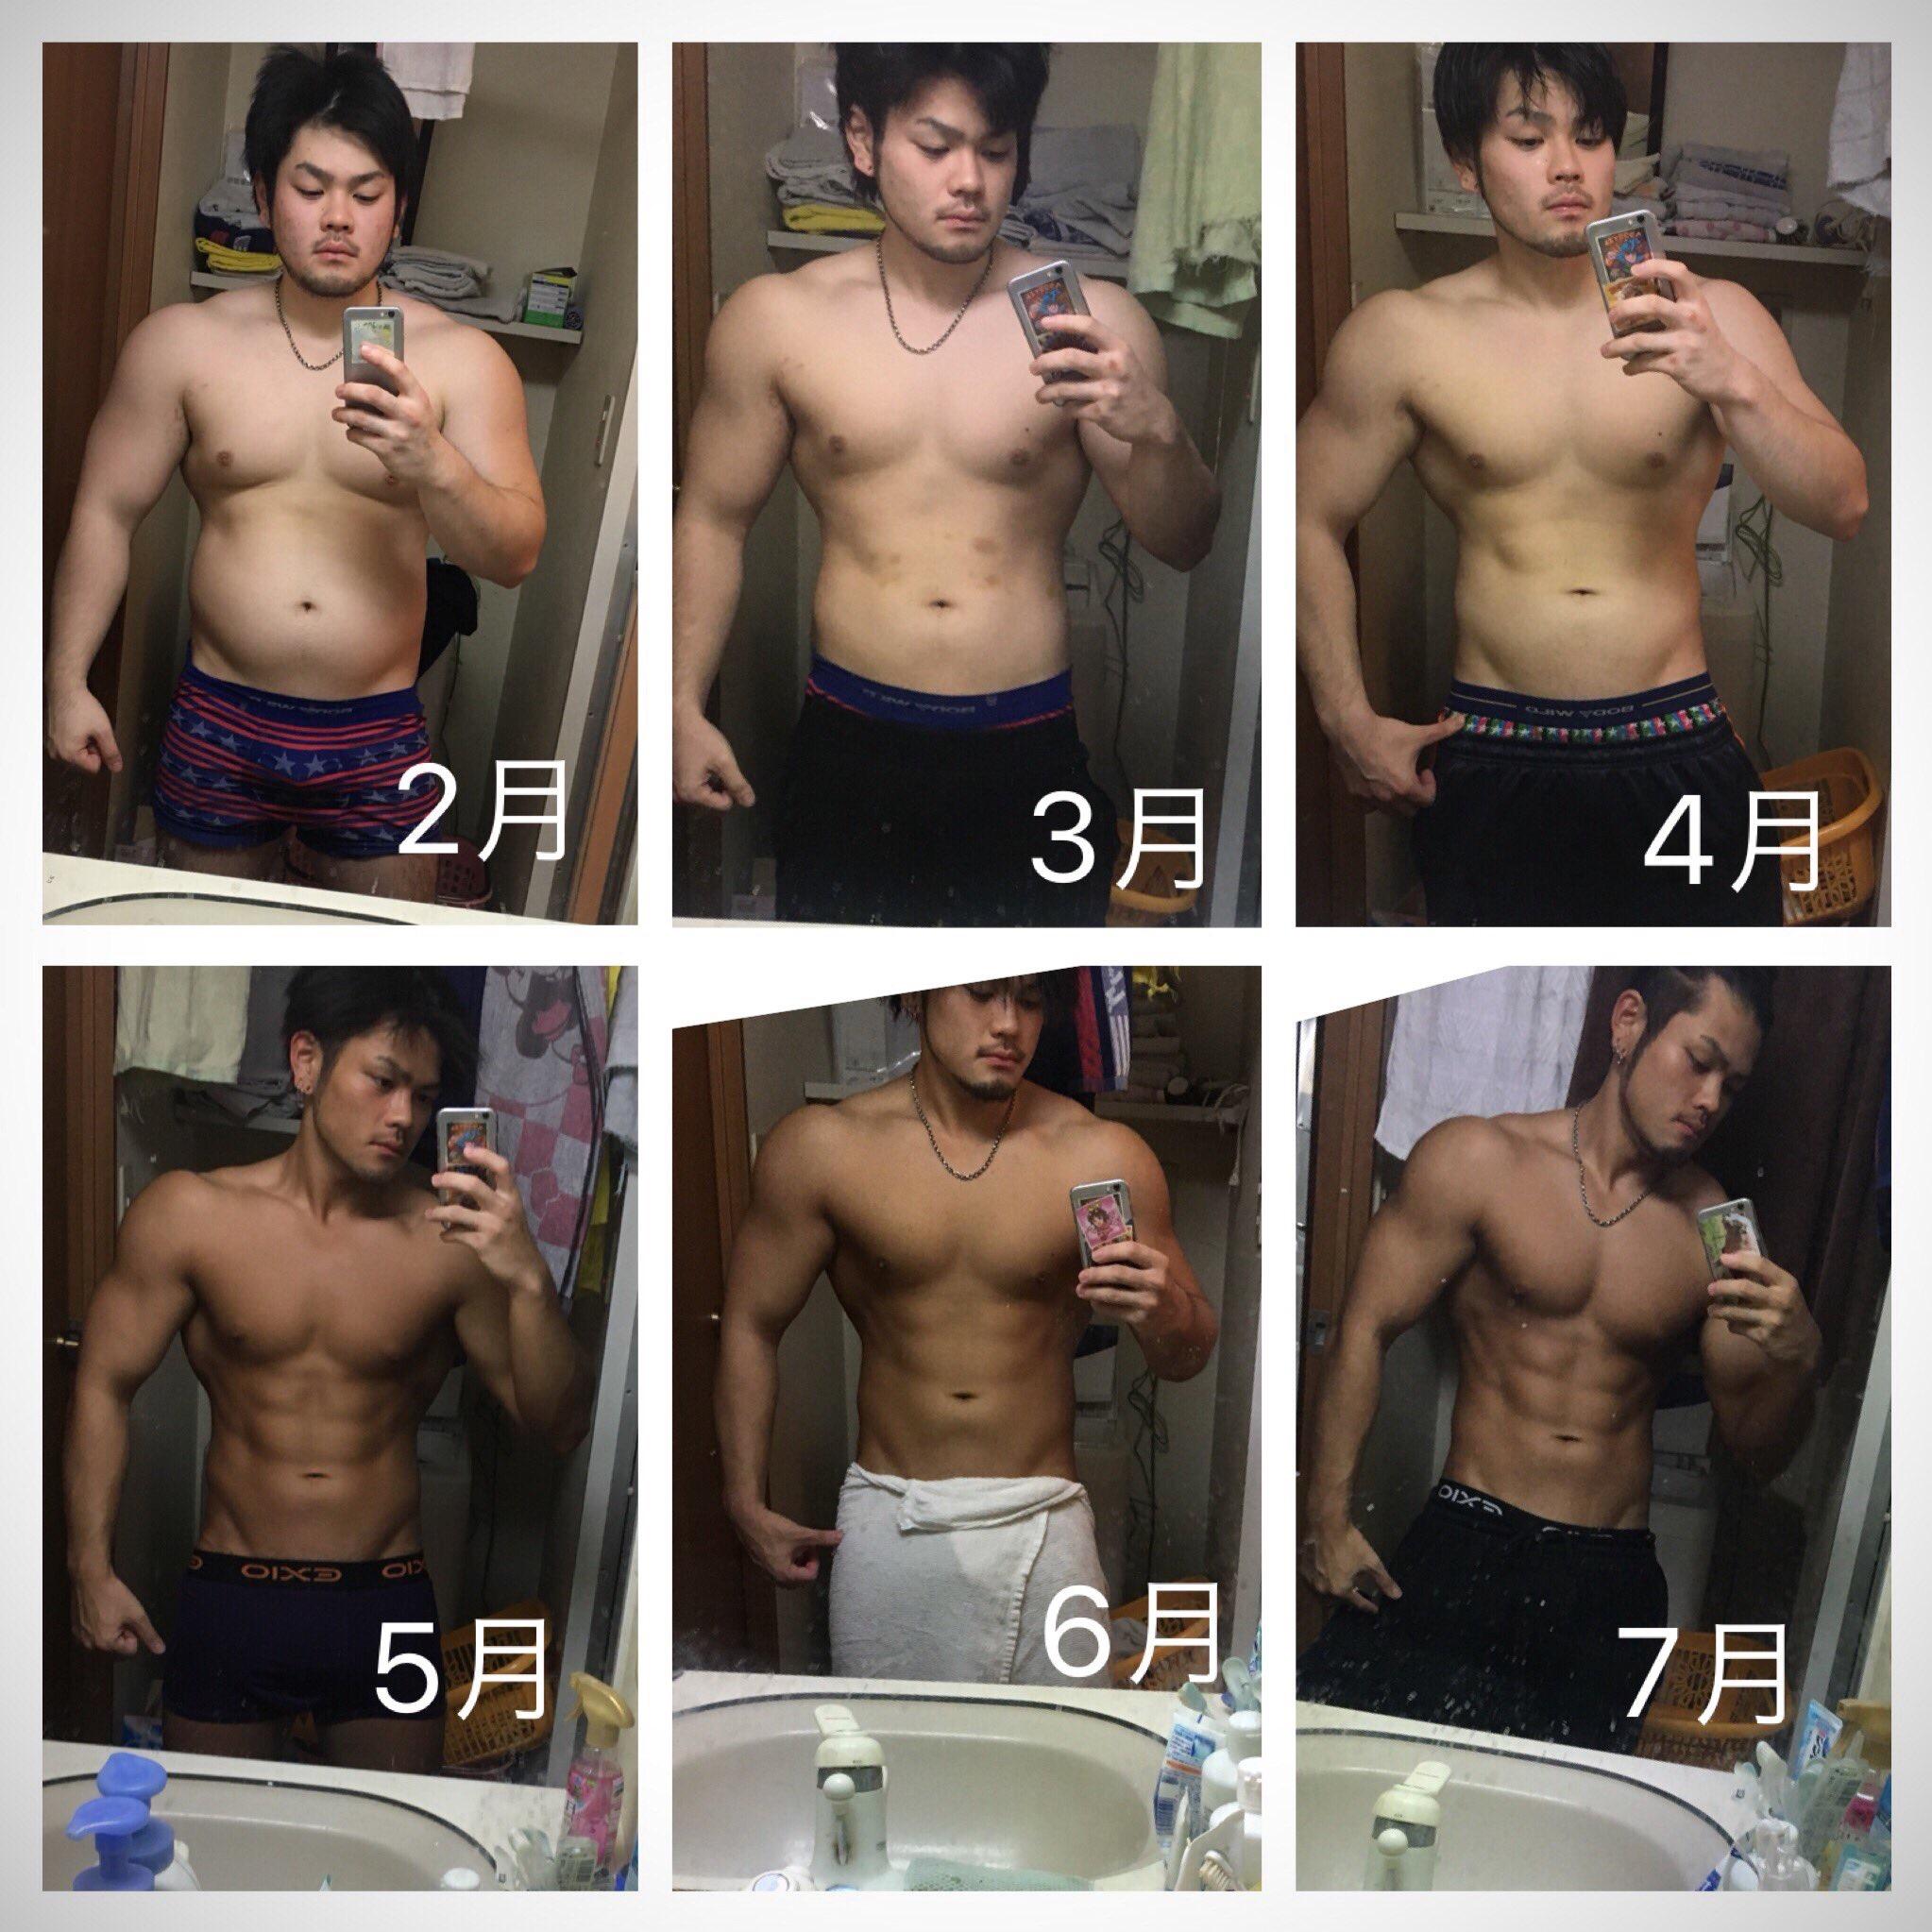 【画像】太ってる男の子が半年筋トレしまくった結果www